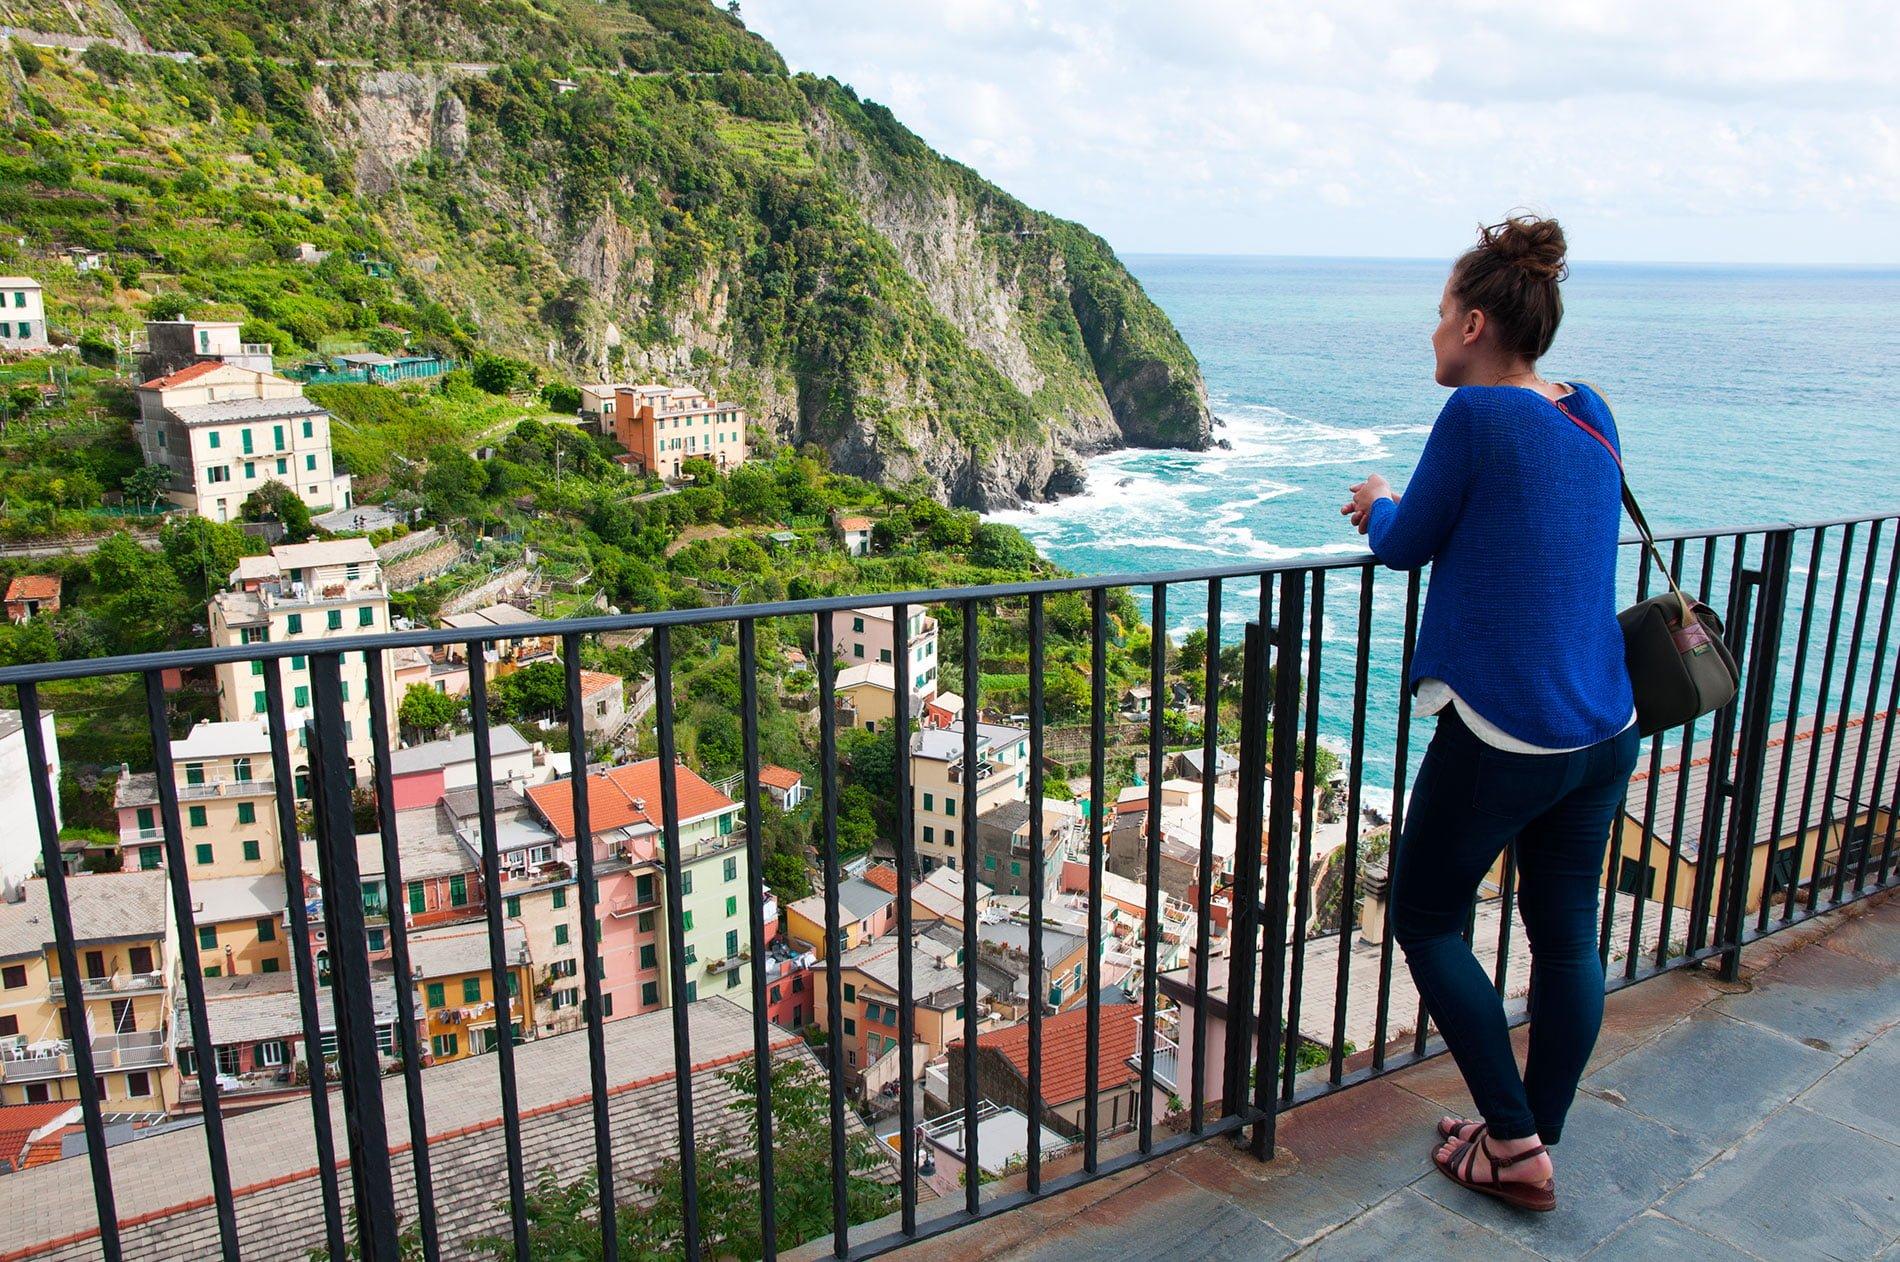 Itinéraire de notre voyage en Italie : Rome, la Toscane, les Cinque Terre et la Sardaigne